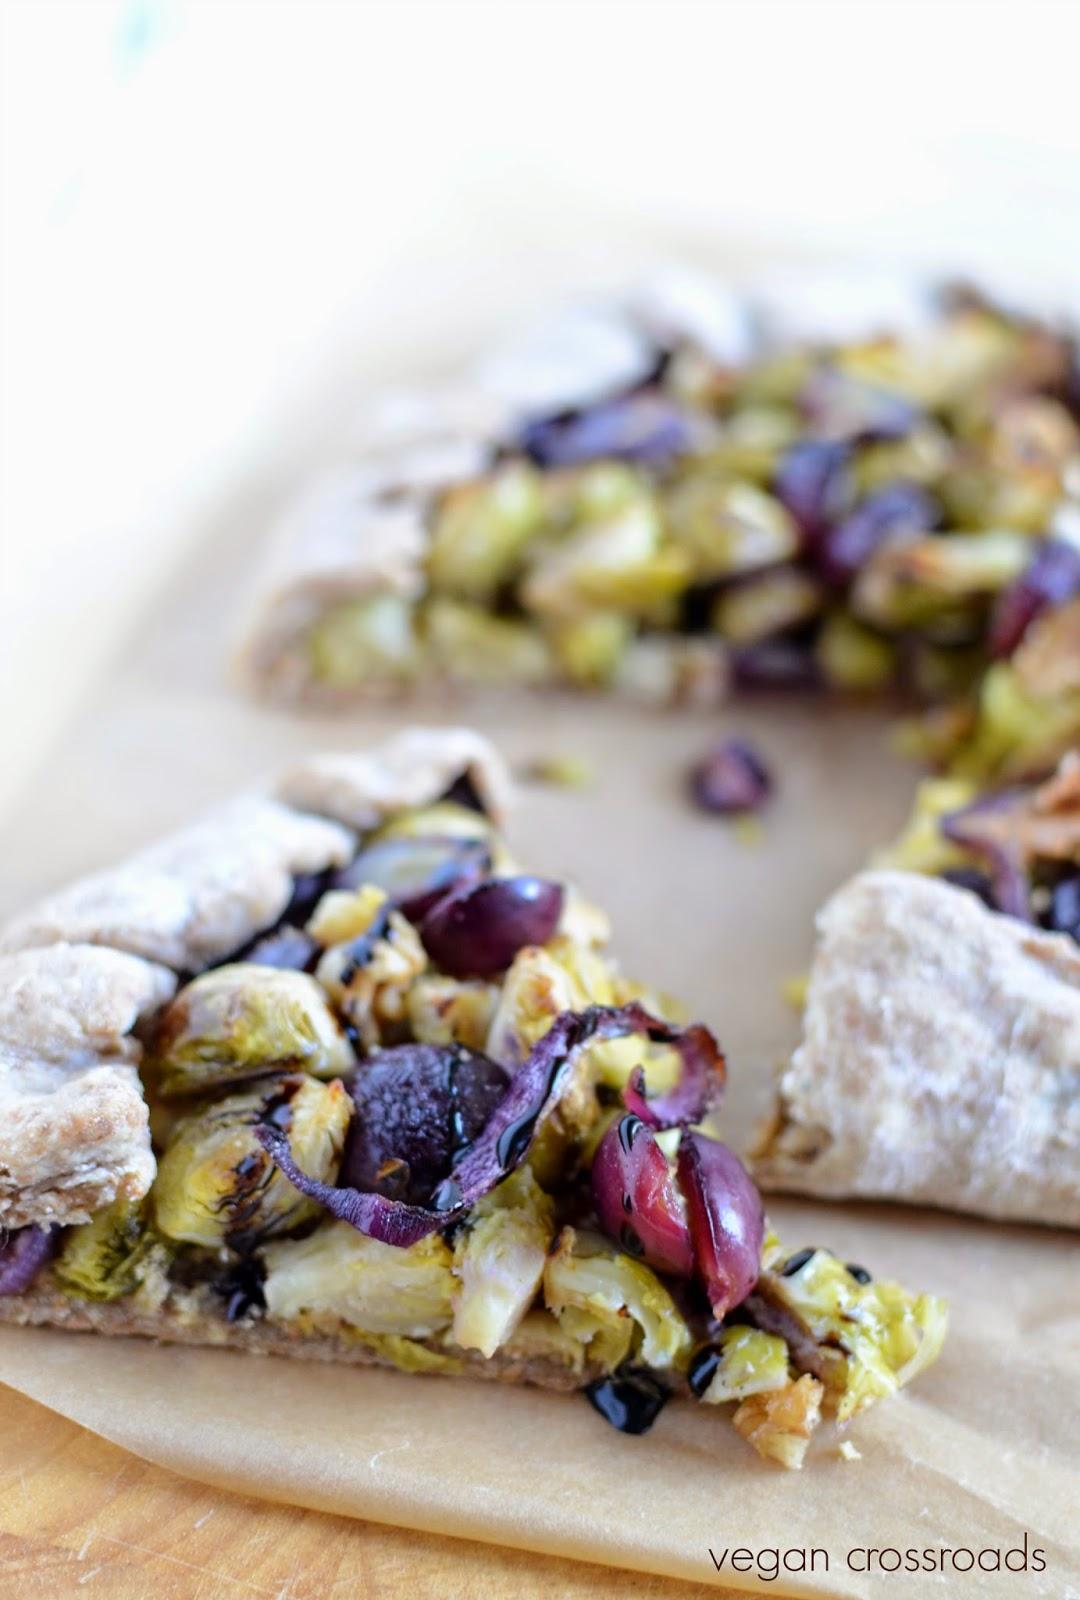 - Galette mit Weintrauben = Vegan Brussels Sprouts & Grape Galette ...